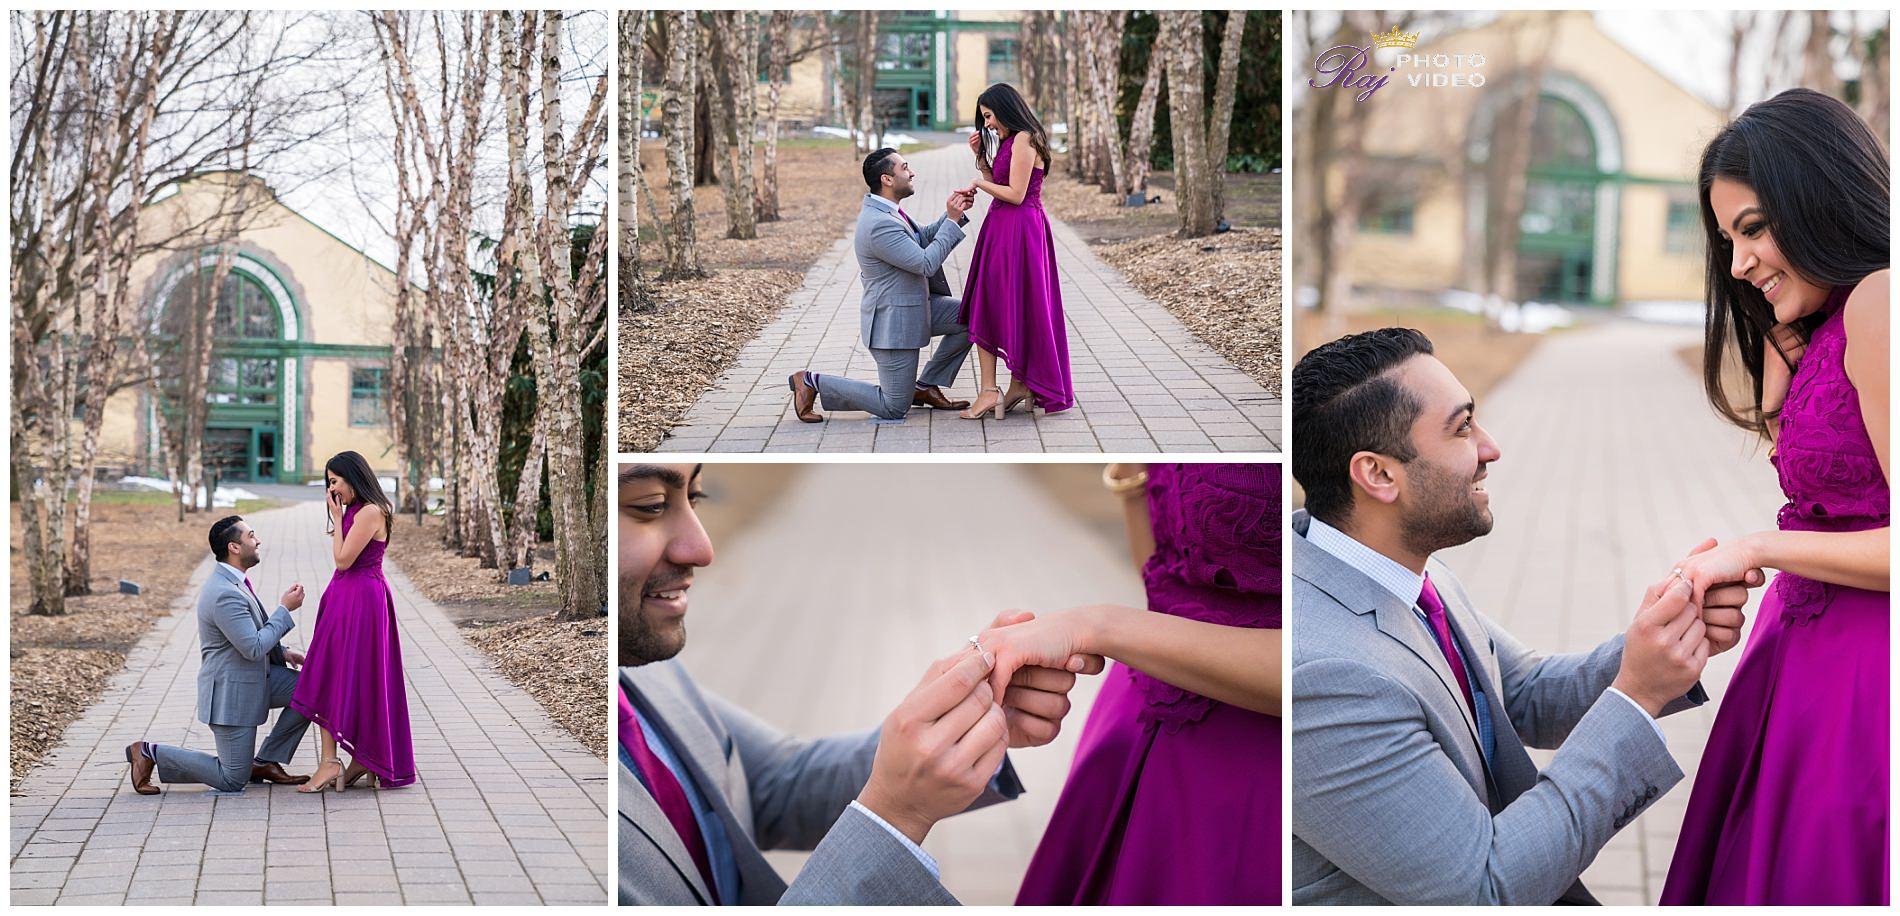 Grounds-for-Sculpture-Hamilton-NJ-Engagement-Shoot-Khushboo-Ruben-00012.jpg